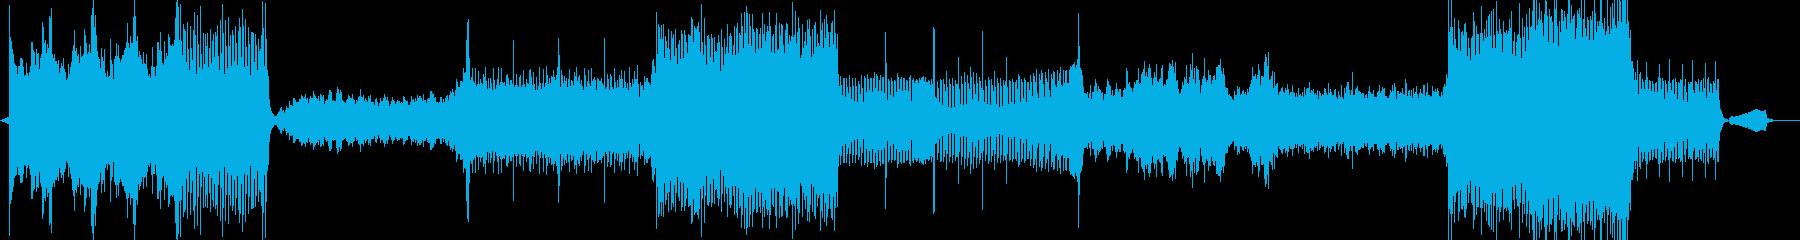 金管の目立つオーケスたら戦闘曲の再生済みの波形